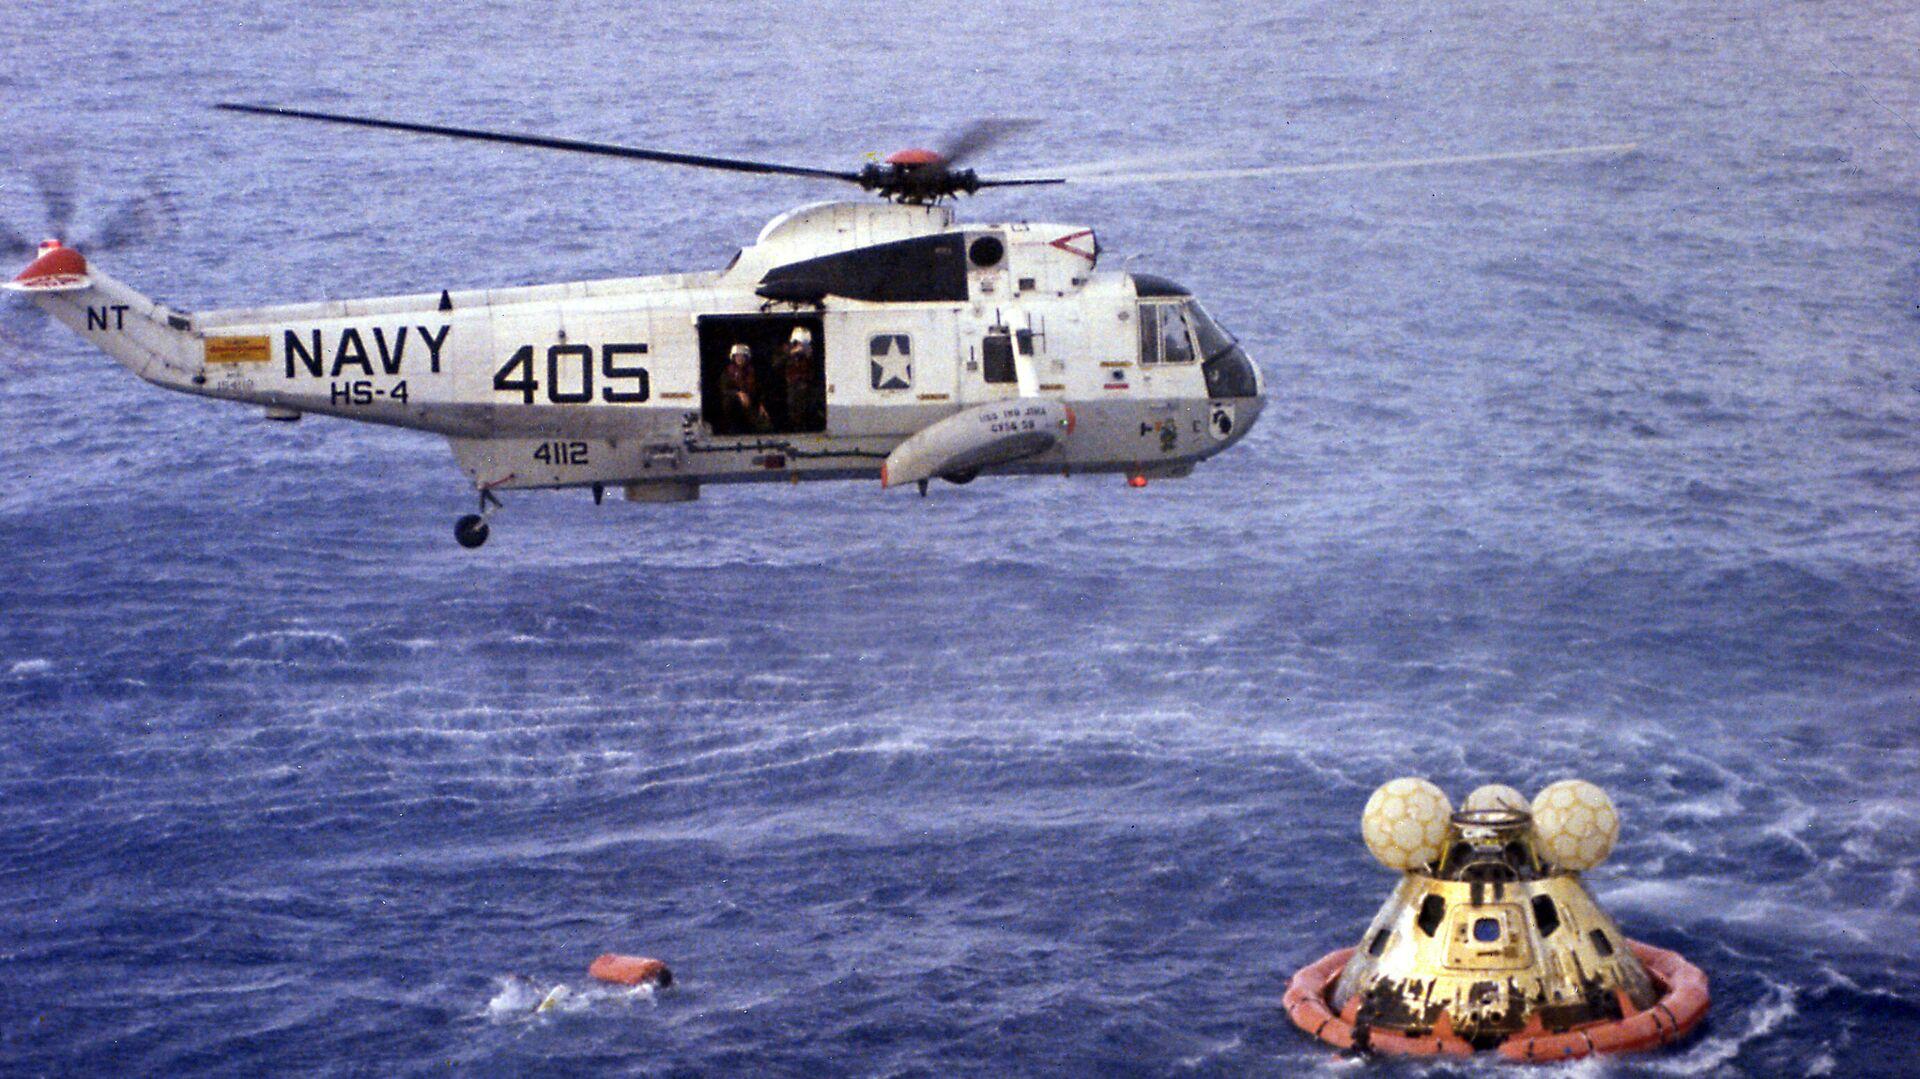 Rescatre del 'Apollo 13' en pleno océano Pacífico - Sputnik Mundo, 1920, 07.07.2021